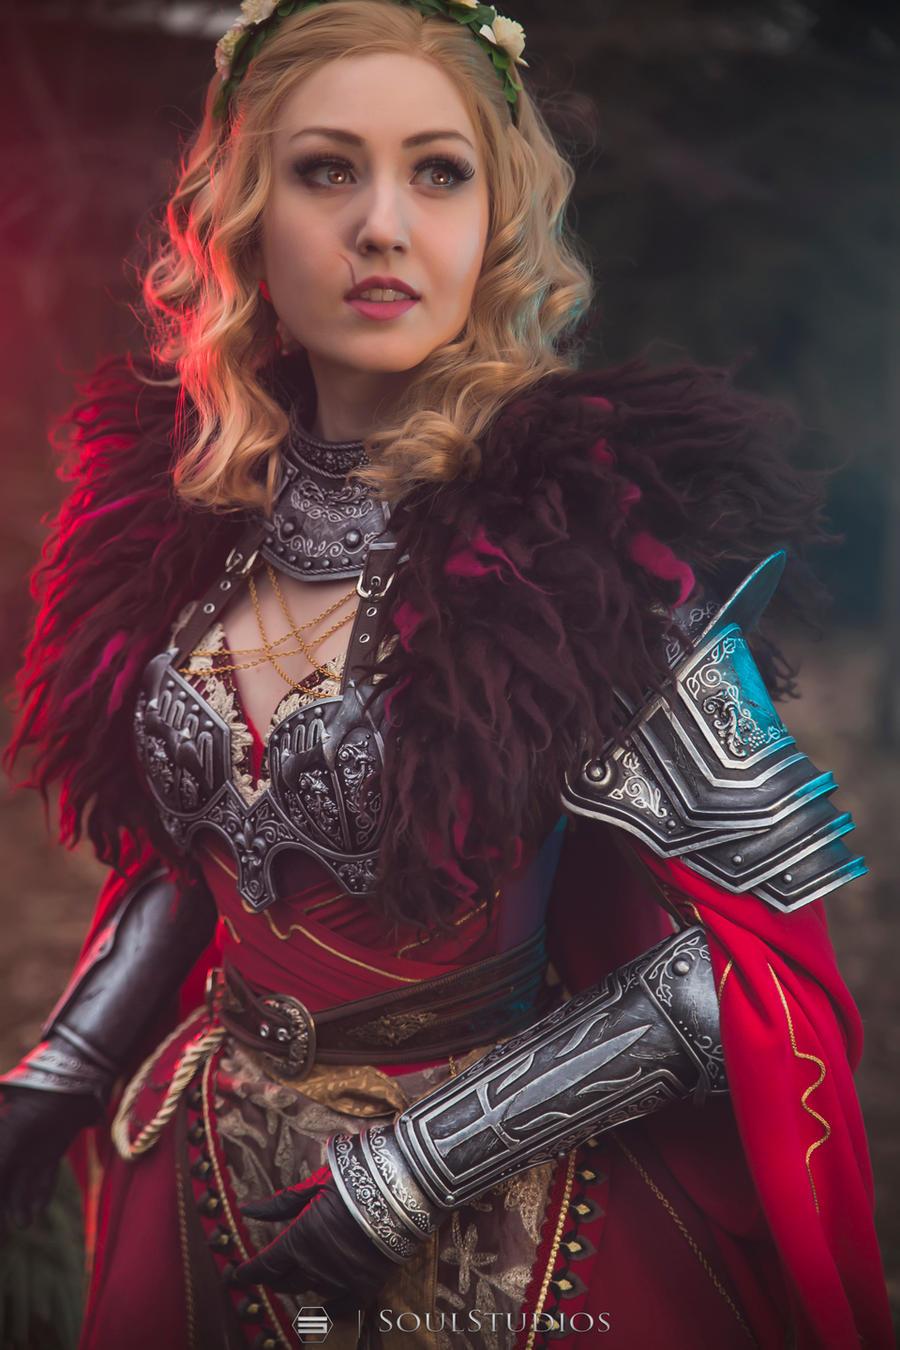 Cullen - Worth fighting for by elliria